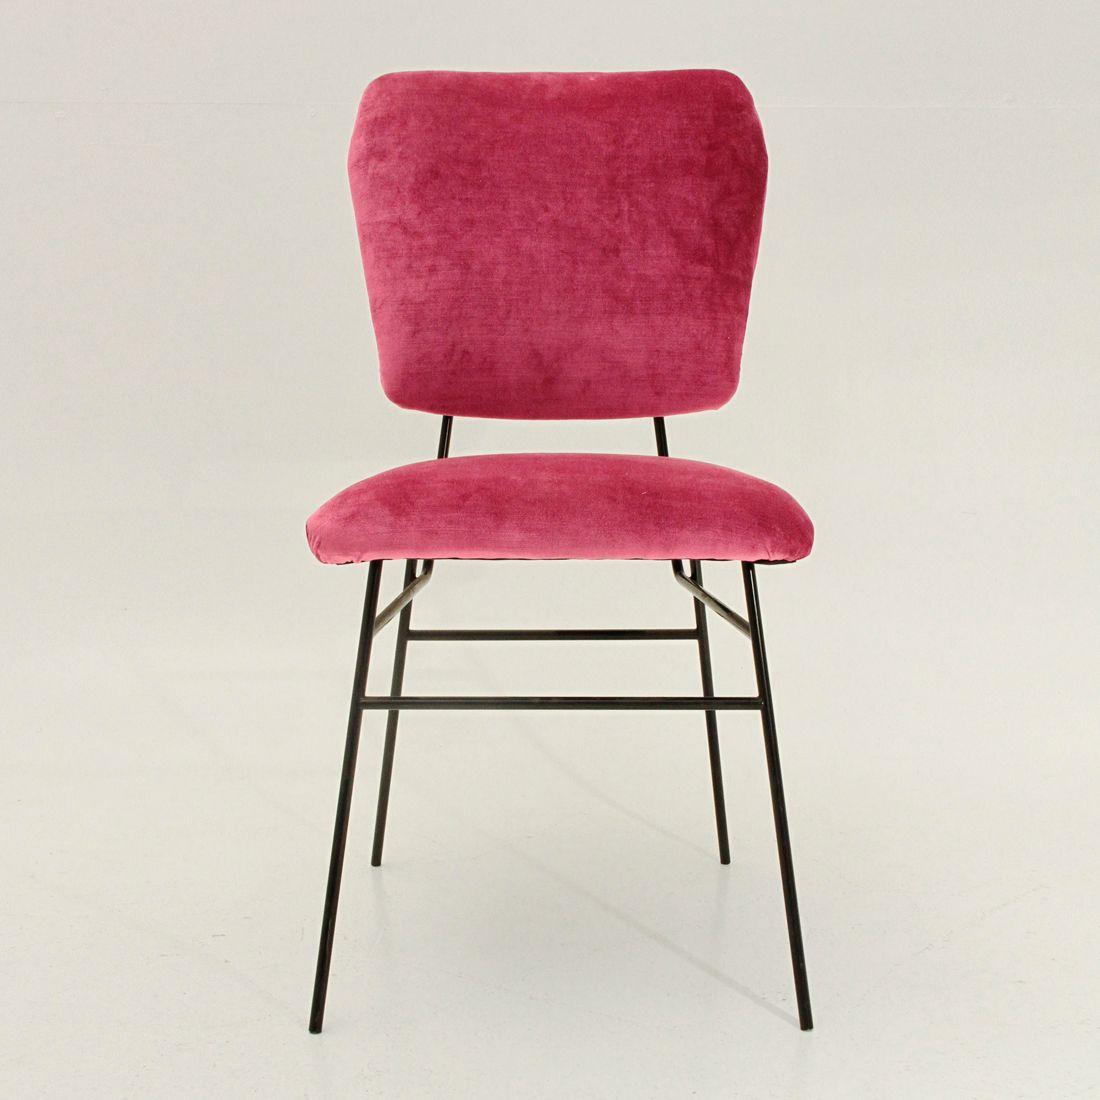 italienischer stuhl mit samtbezug in pink 1950er bei pamono kaufen. Black Bedroom Furniture Sets. Home Design Ideas